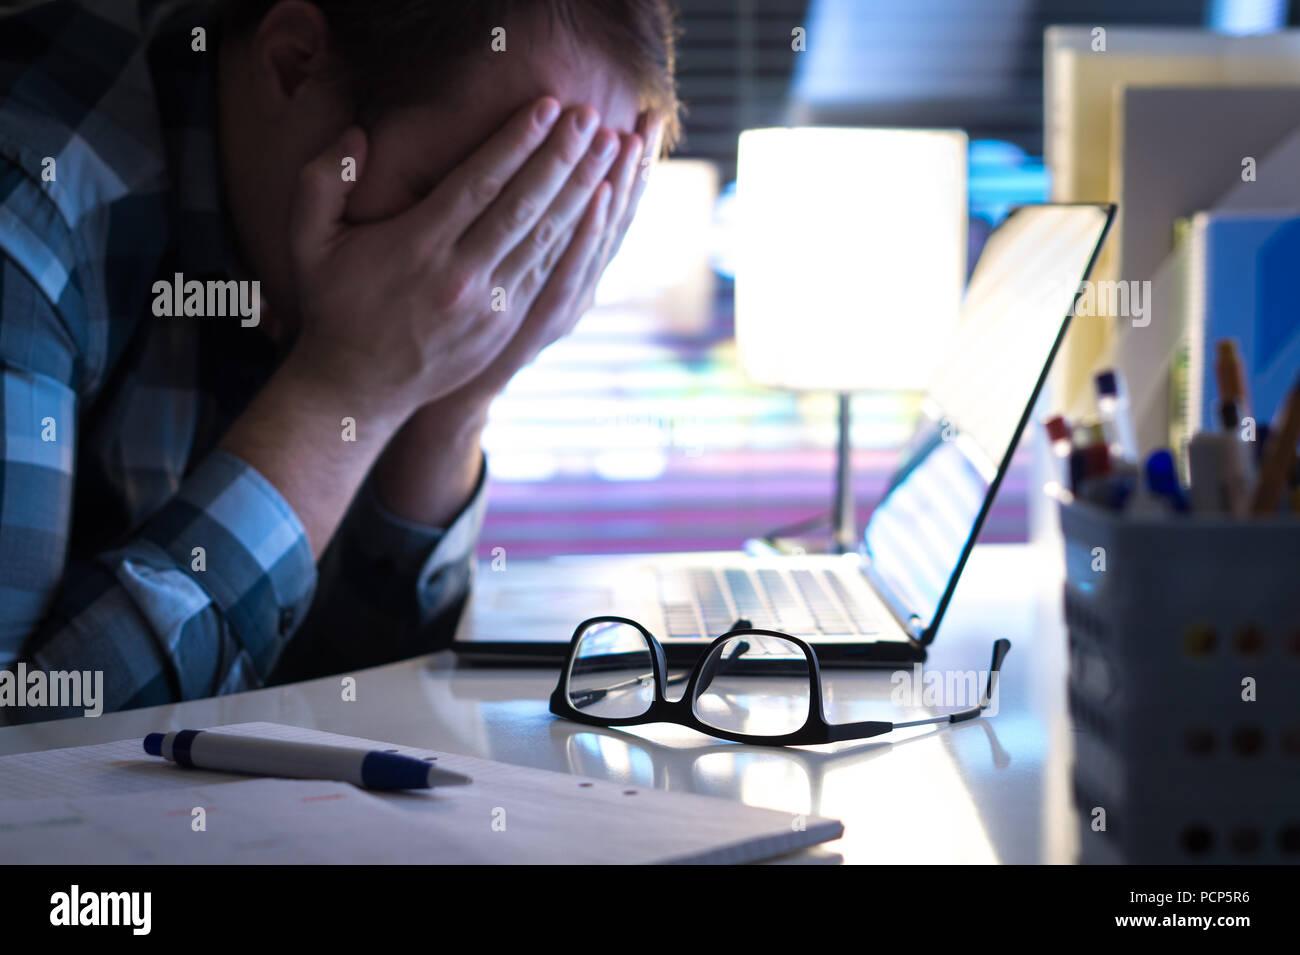 Les problèmes au travail. Triste, malheureux homme fatigué et couvrant le visage avec les mains au bureau ou à la maison la nuit. L'épuisement professionnel, le stress, l'intimidation au travail ou la dépression. Photo Stock